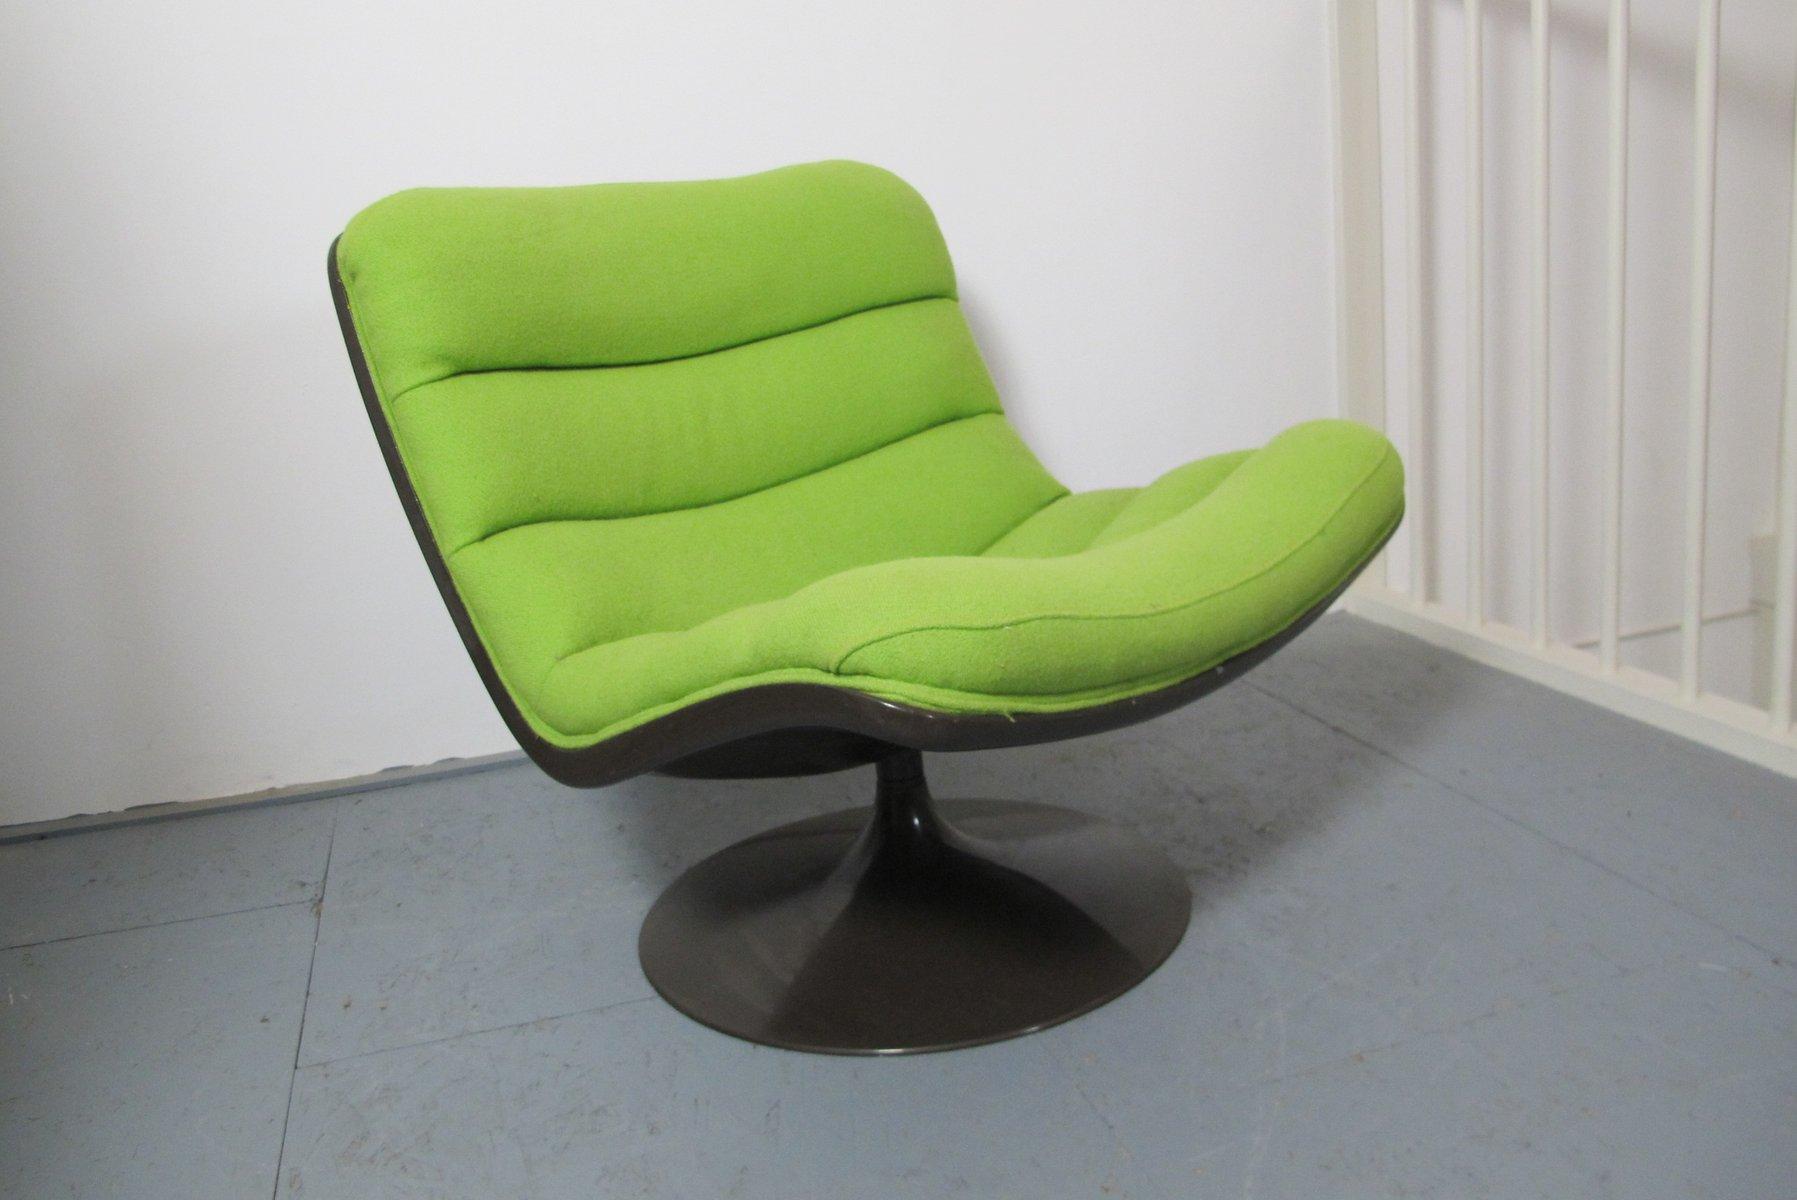 F978 Sessel von Geoffrey Harcourt für Artifort,1968